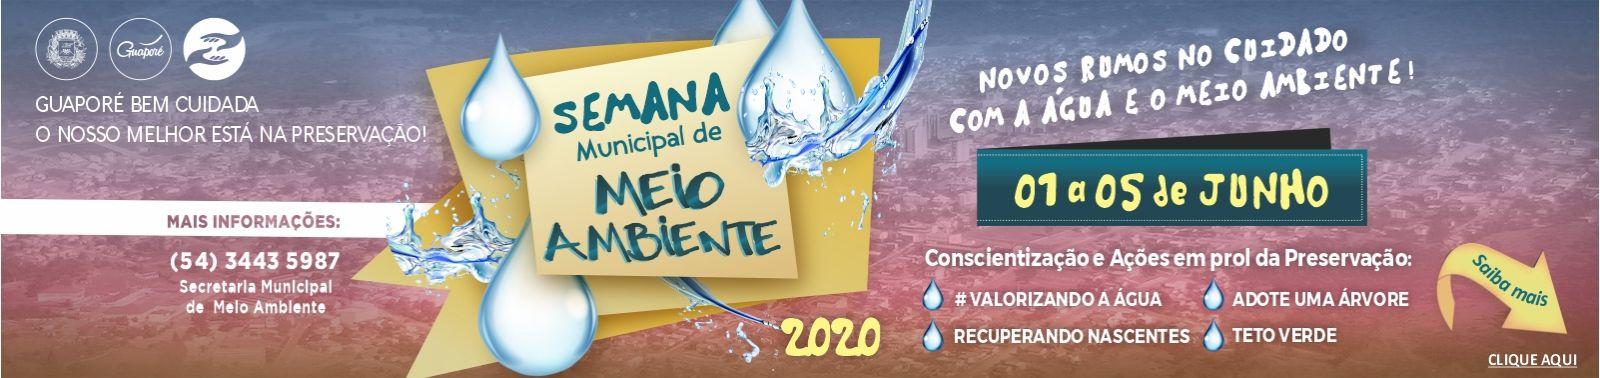 Banner 1 - Semana do Meio Ambiente